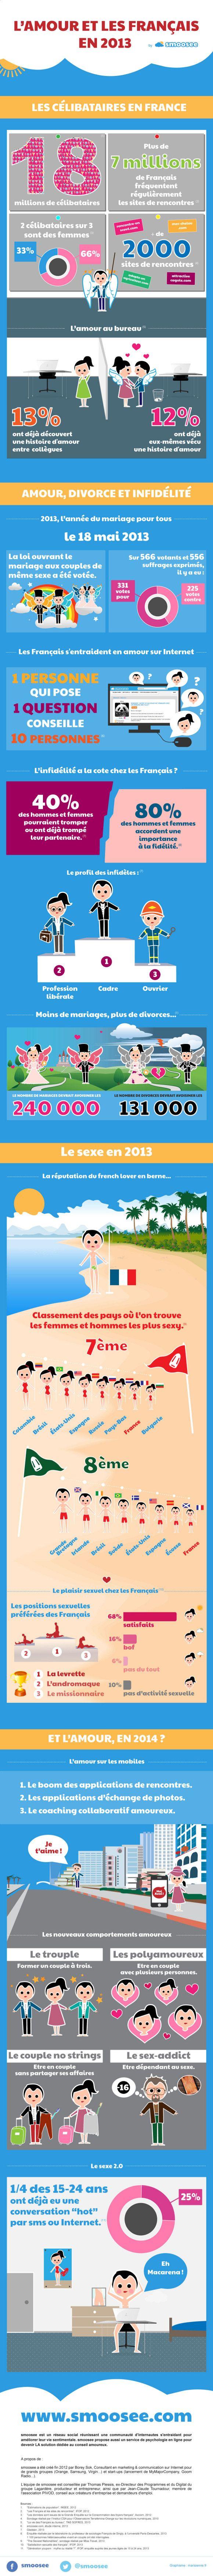 L'Amour et les Français en 2013